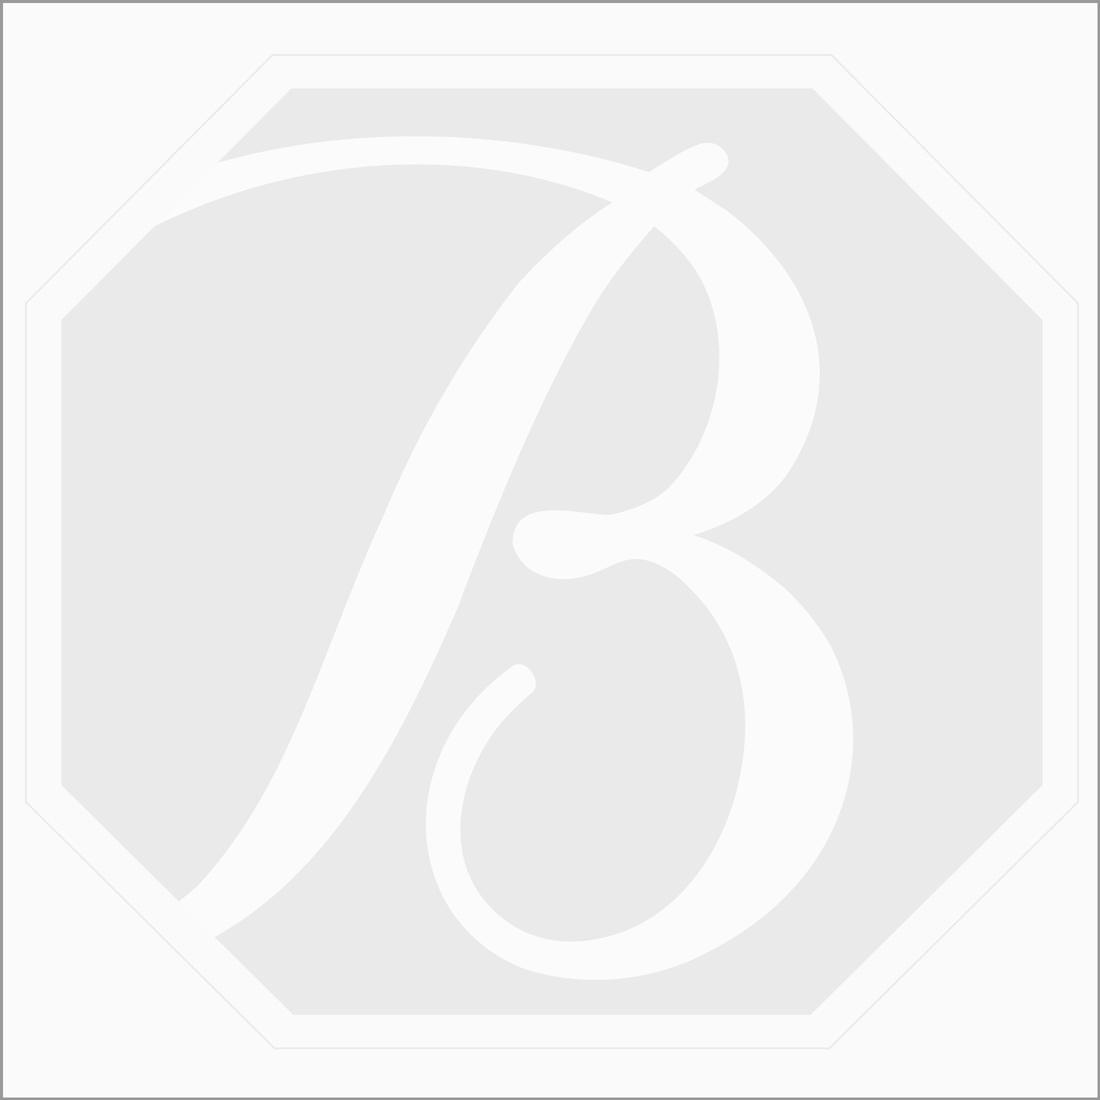 2 Pcs - Dark Green Tourmaline Rose Cuts - 7.96 ct. - 13 x 10.2 x 3.6 mm & 13.8 x 10 x 3.2 mm (TRC1055)